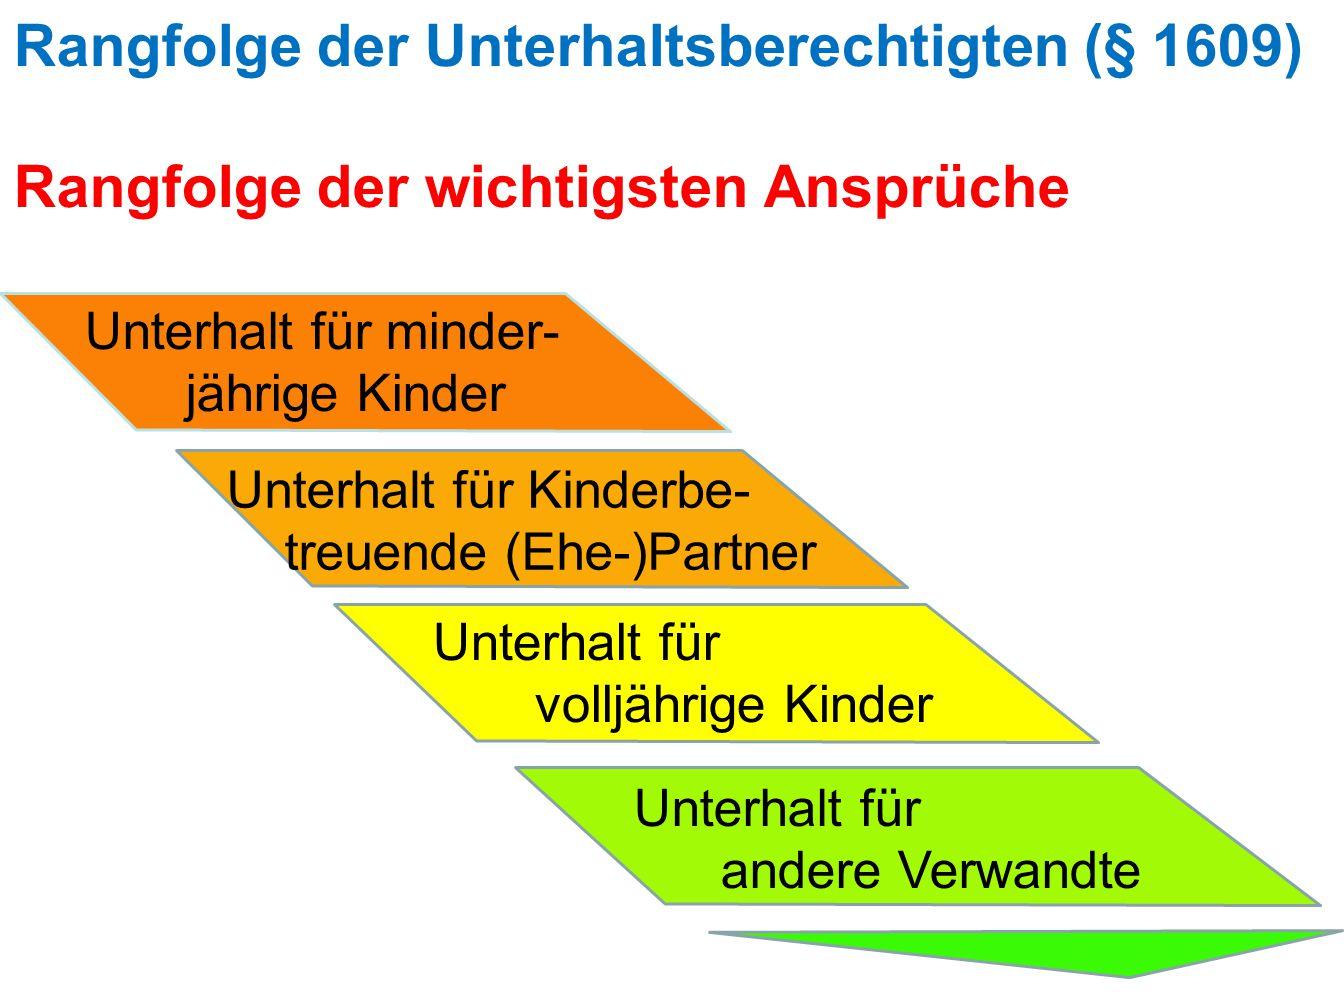 Rangfolge der Unterhaltsberechtigten (§ 1609) Rangfolge der wichtigsten Ansprüche